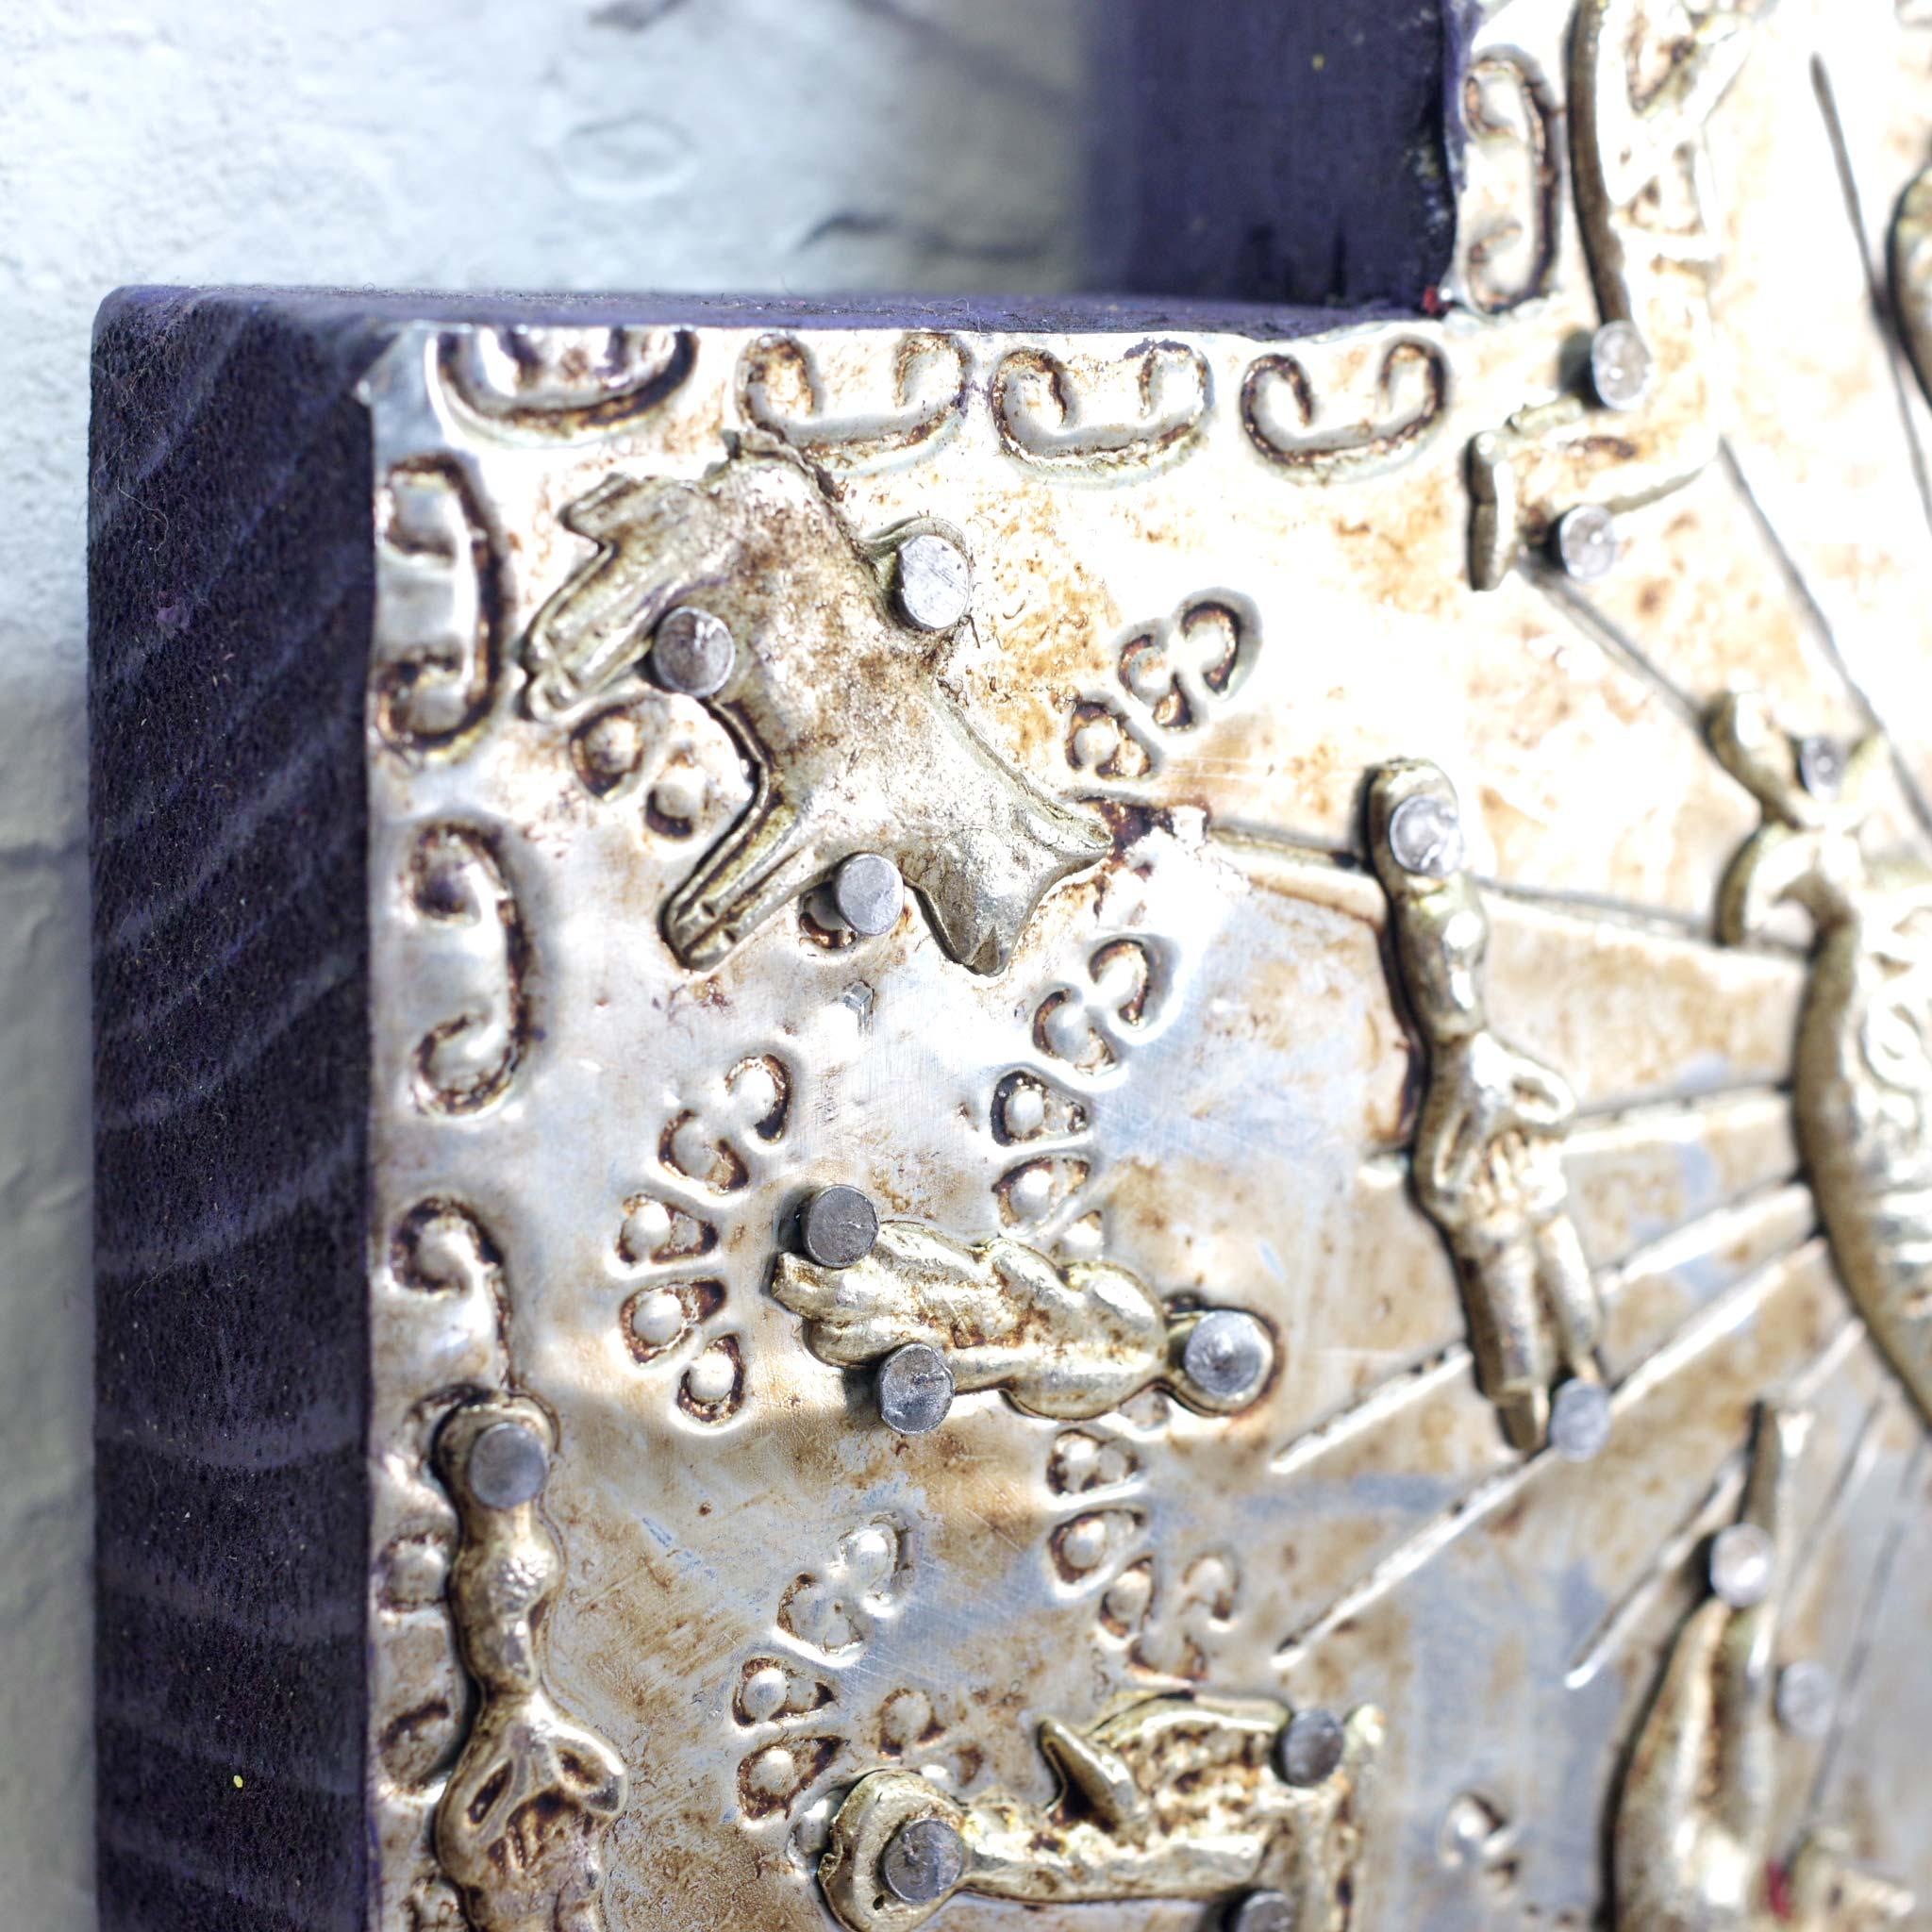 """""""アルミクロス,アルミ,ミラグロクロス,ミラグロ,十字架,クロス,壁掛け,壁飾り,インテリア,メキシコ雑貨,メキシコ雑貨PAD"""""""